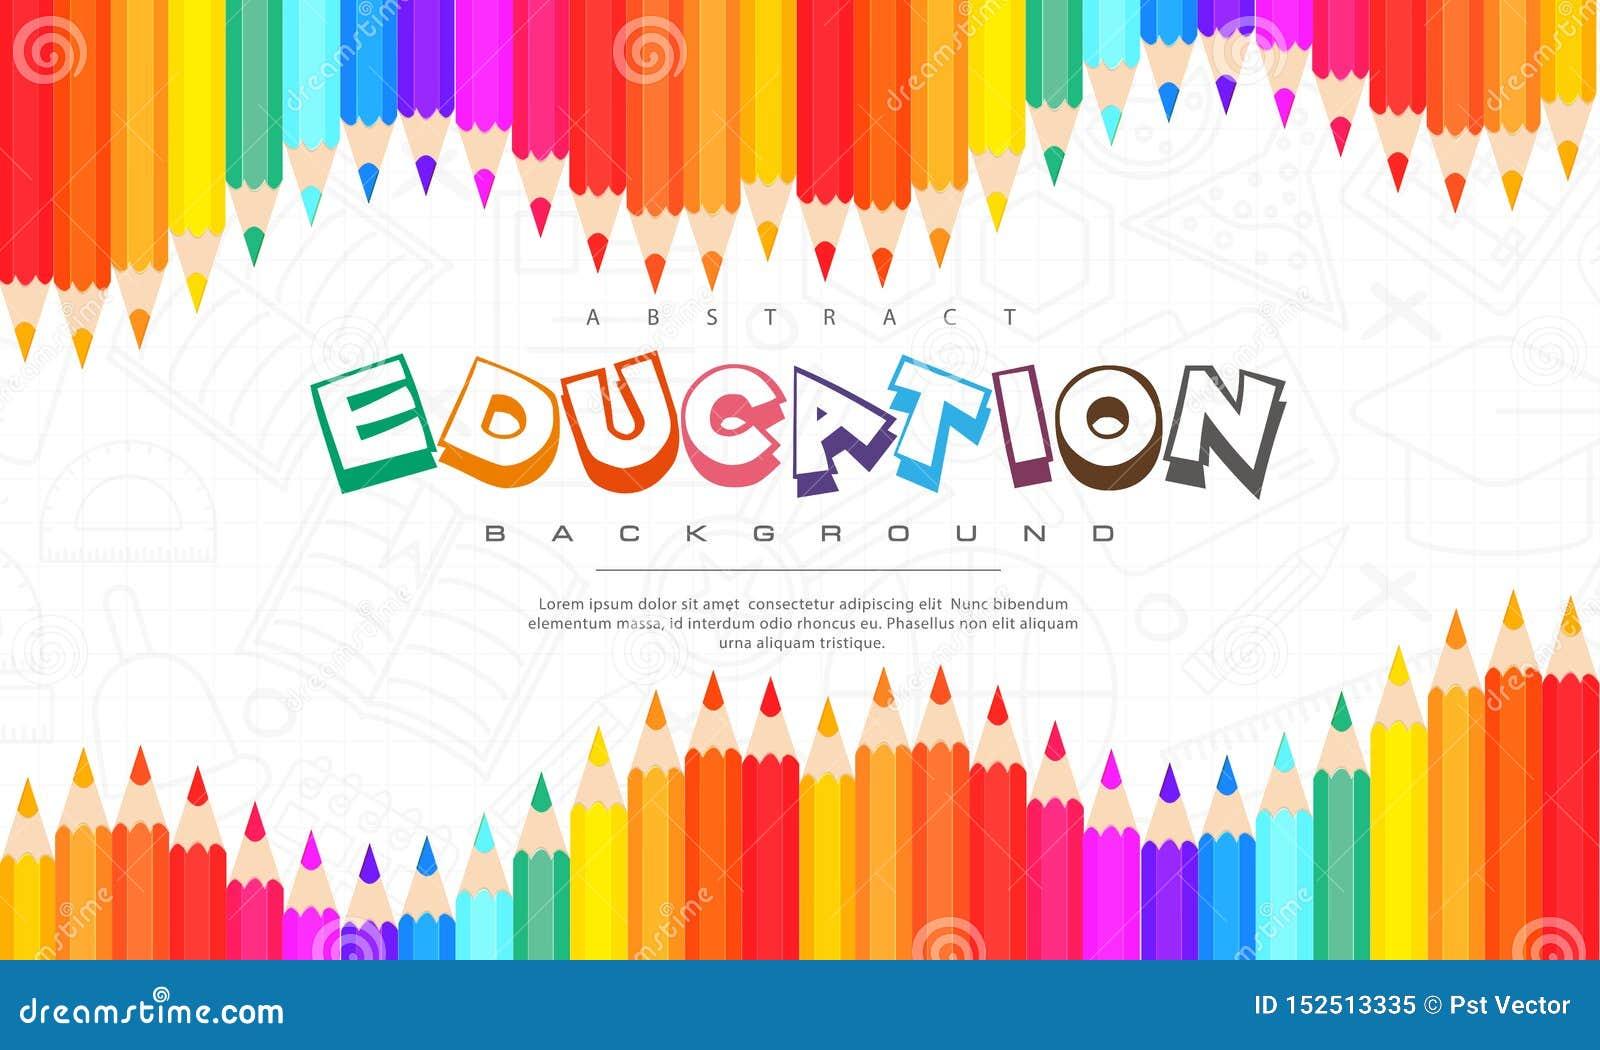 Αφηρημένο υπόβαθρο εκπαίδευσης, πίσω στο σχολείο, εκμάθηση, σπουδαστής, διδασκαλία, διανυσματικό υπόβαθρο απεικόνισης με τα ζωηρό